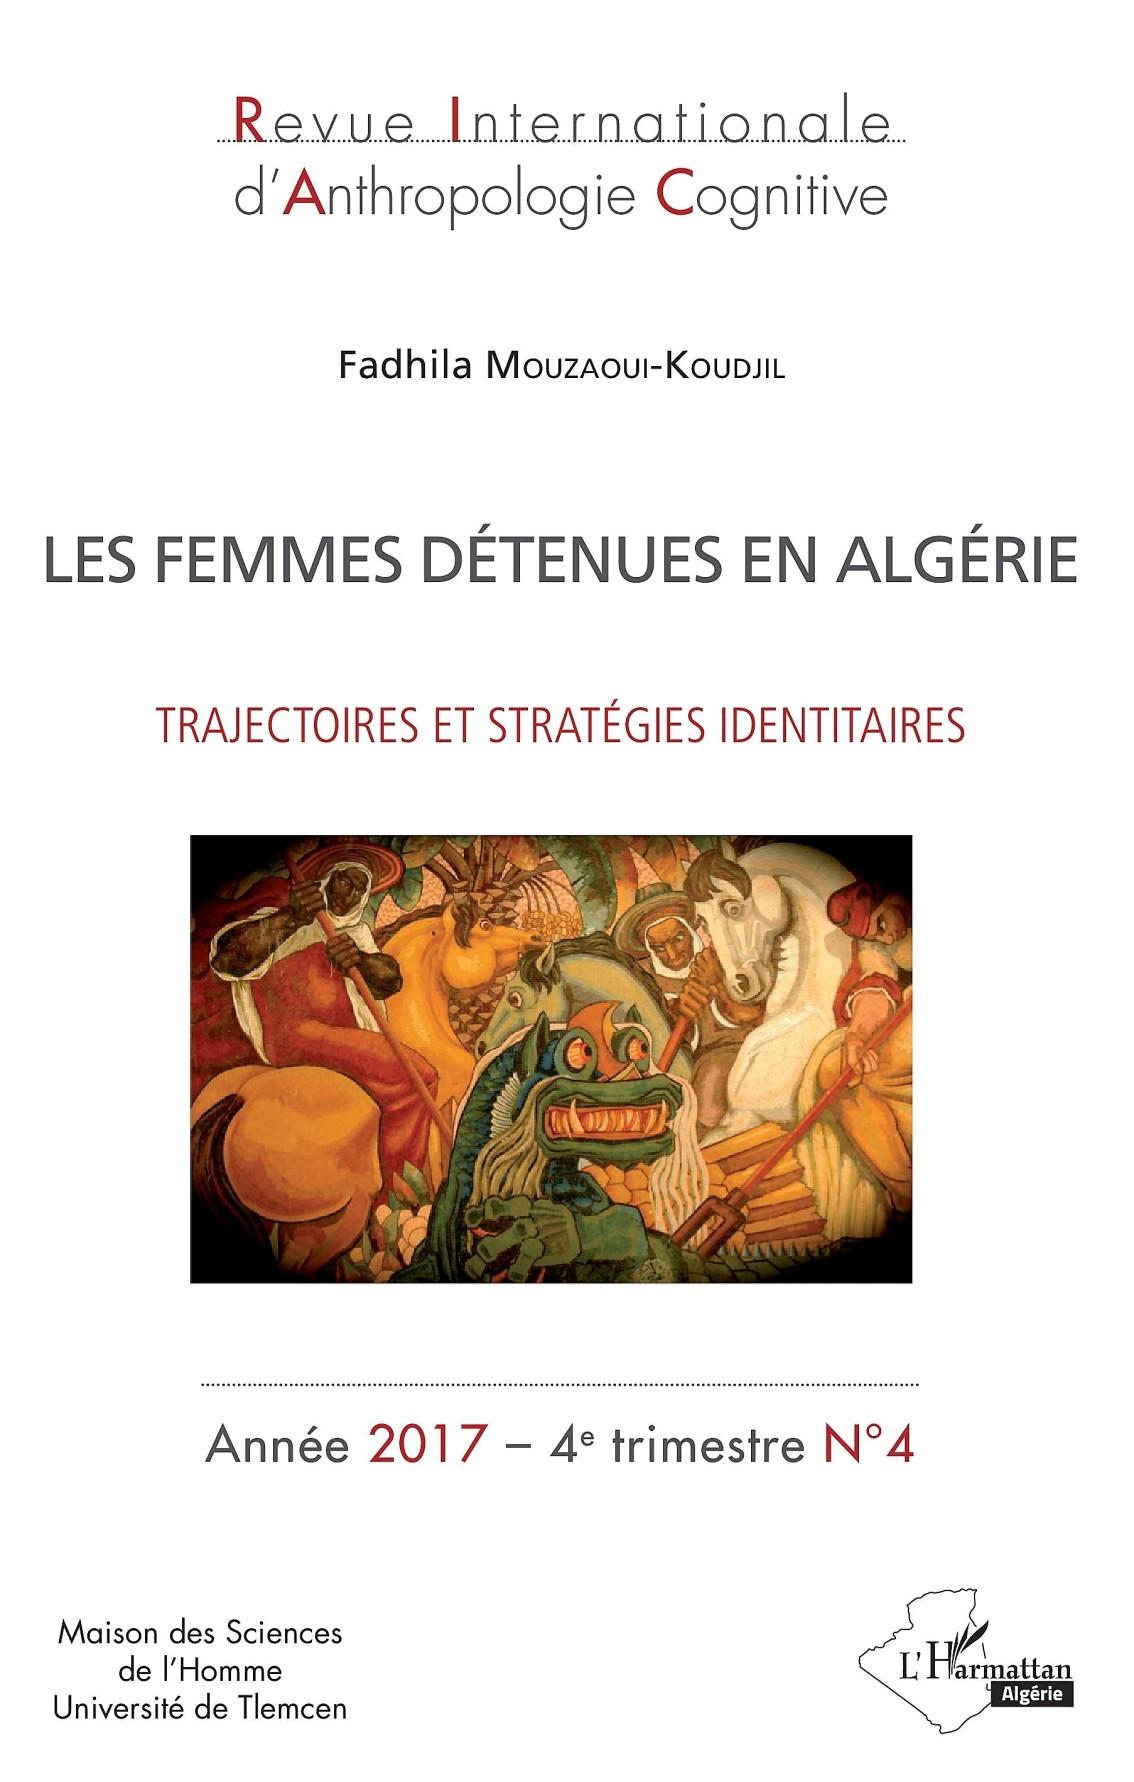 Les femmes détenues en Algérie – Fadhila Mouzaoui-Koudjil –2017